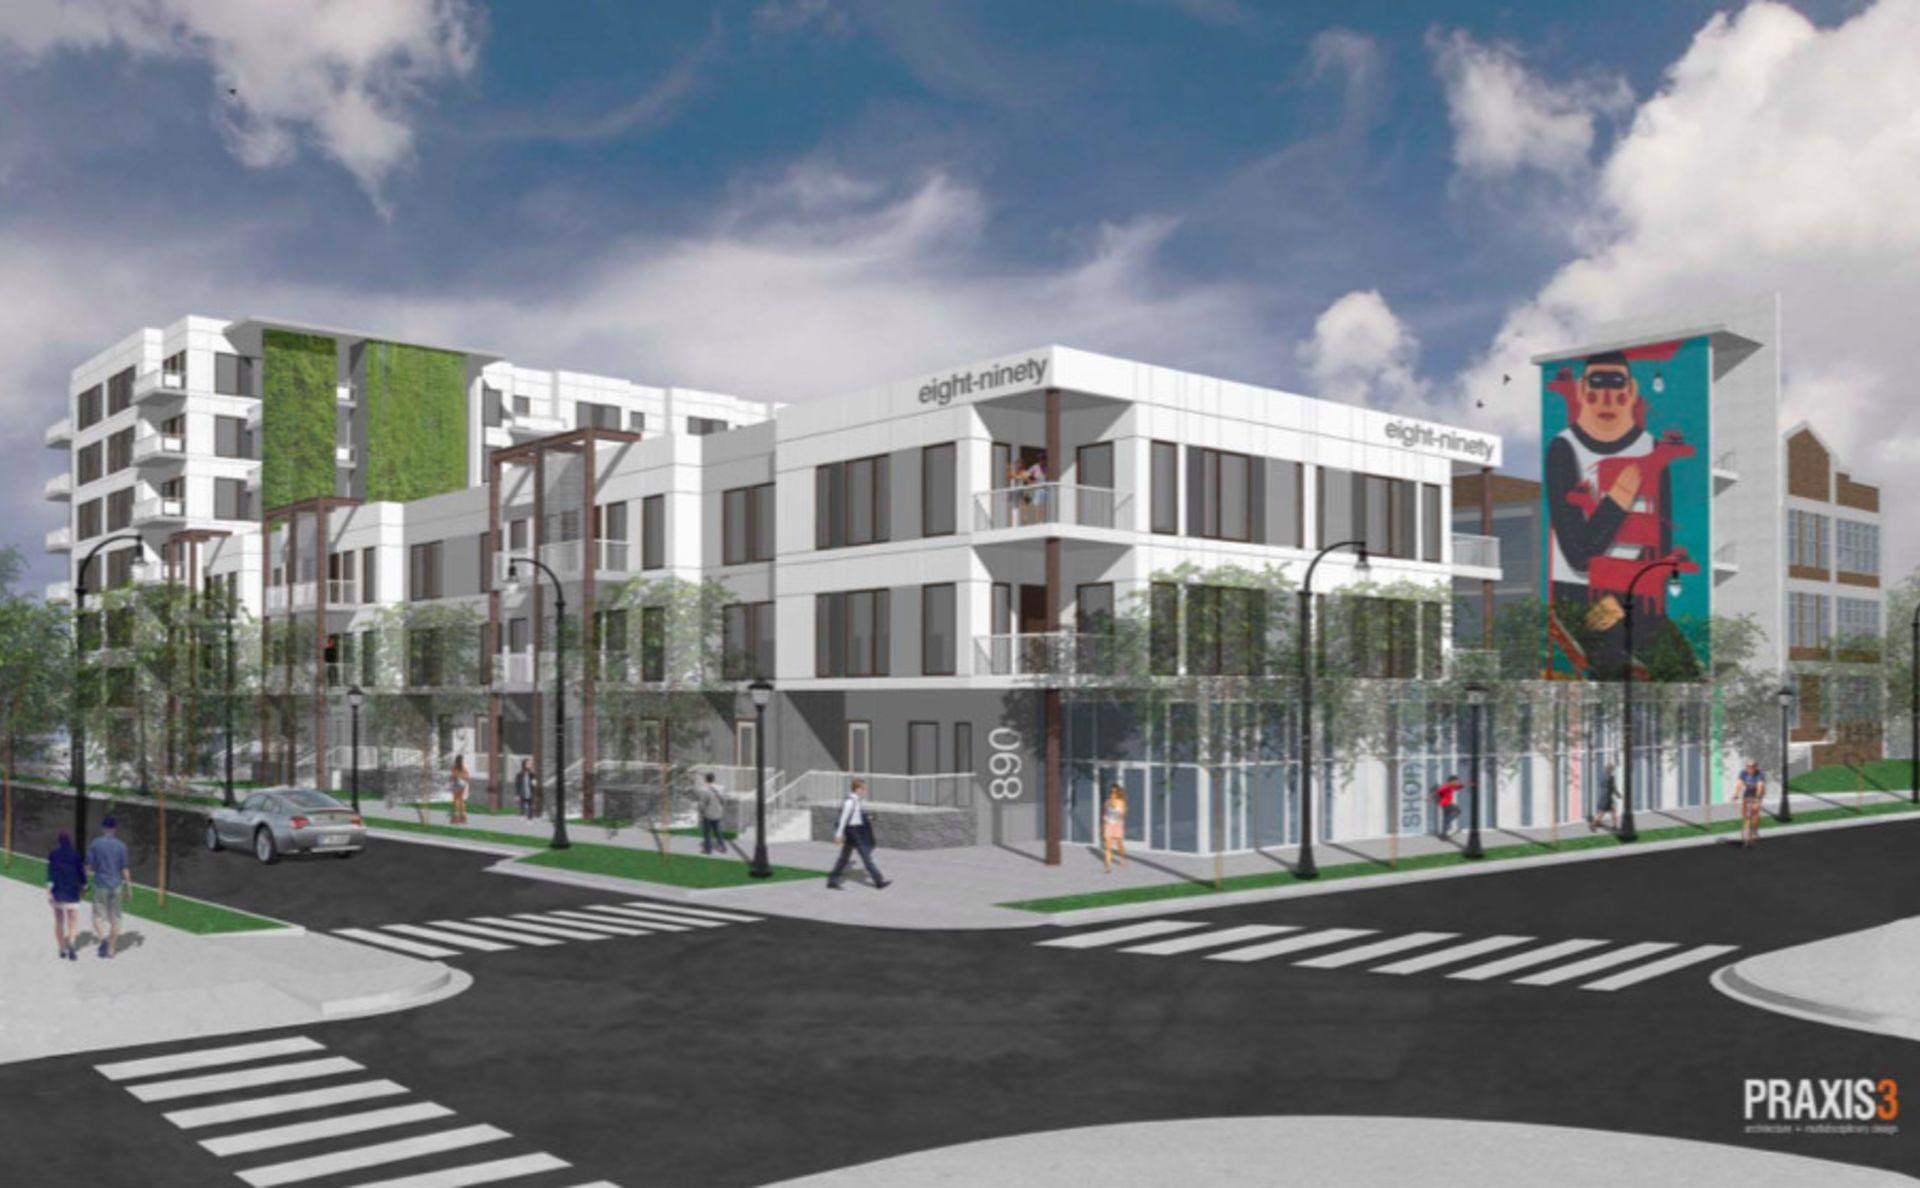 Beltline, Invest Atlanta Approve Affordable Housing Grants